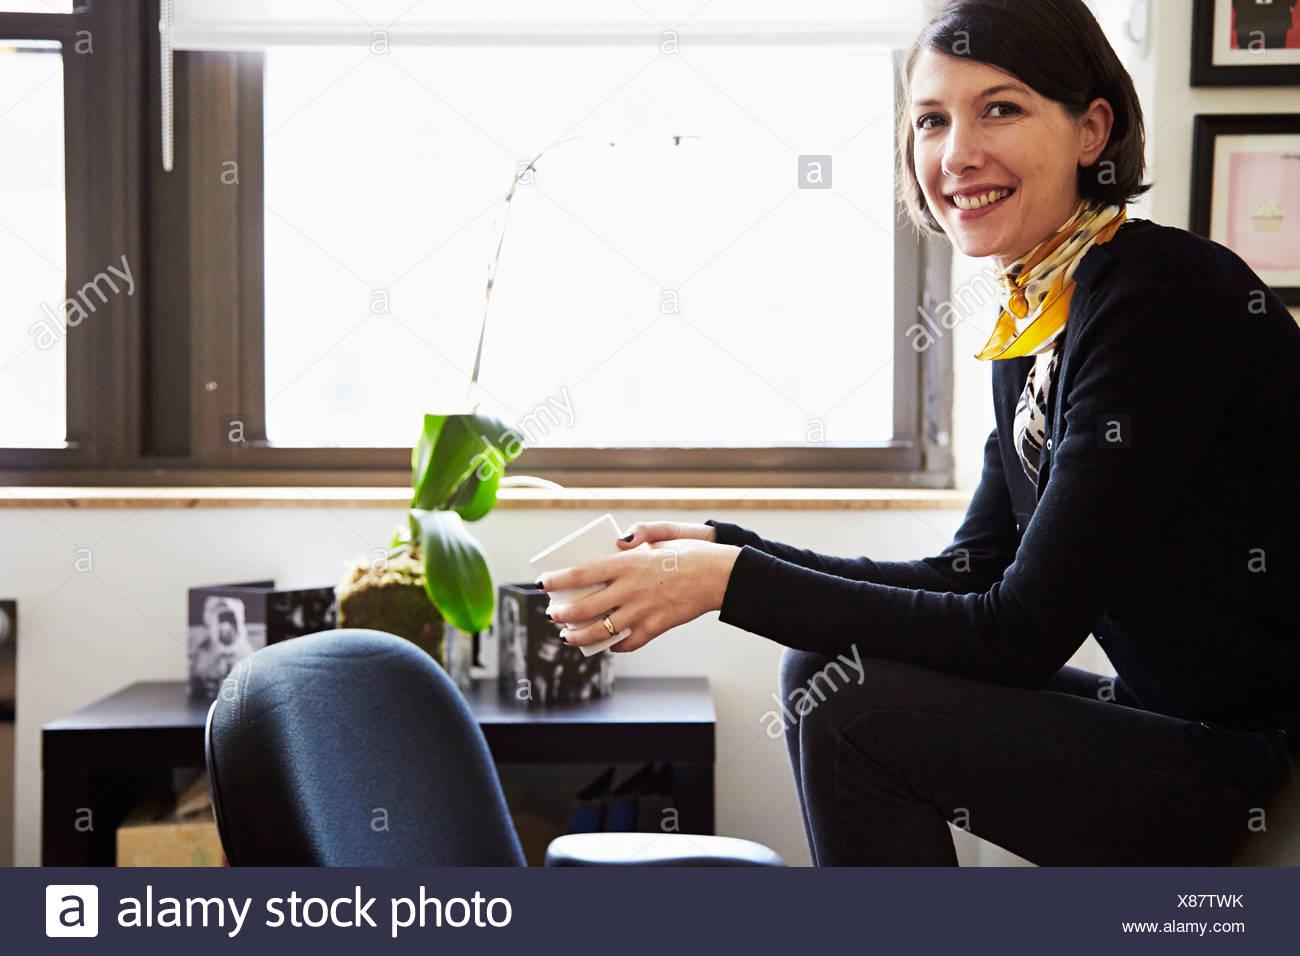 La empresaria sentado en la oficina Imagen De Stock